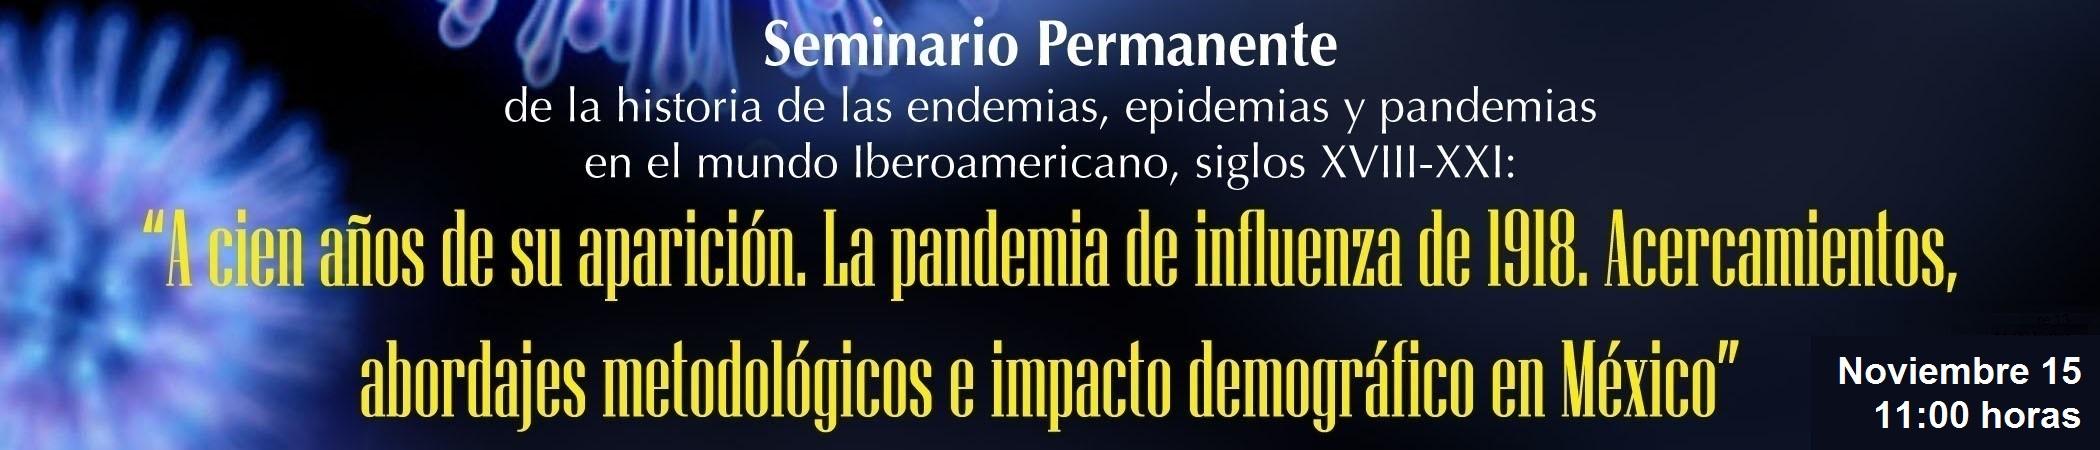 Seminario permanente de la historia de las endemias, epidemias y pandemias en el mundo iberoamericano, siglos XVIII-XXI